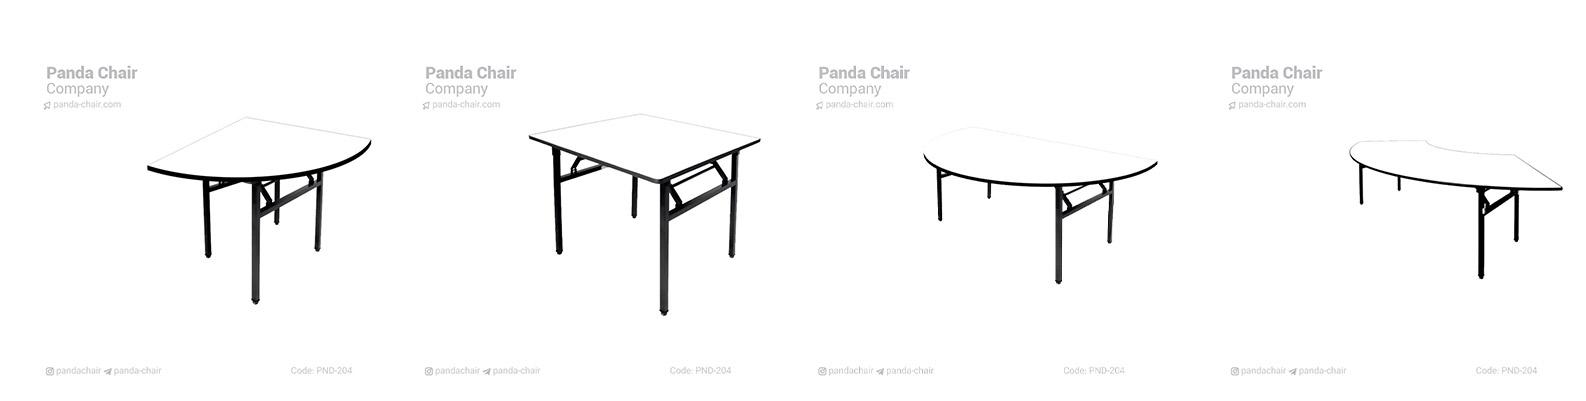 میز-بنکوئیت-مبلمان-پاندا